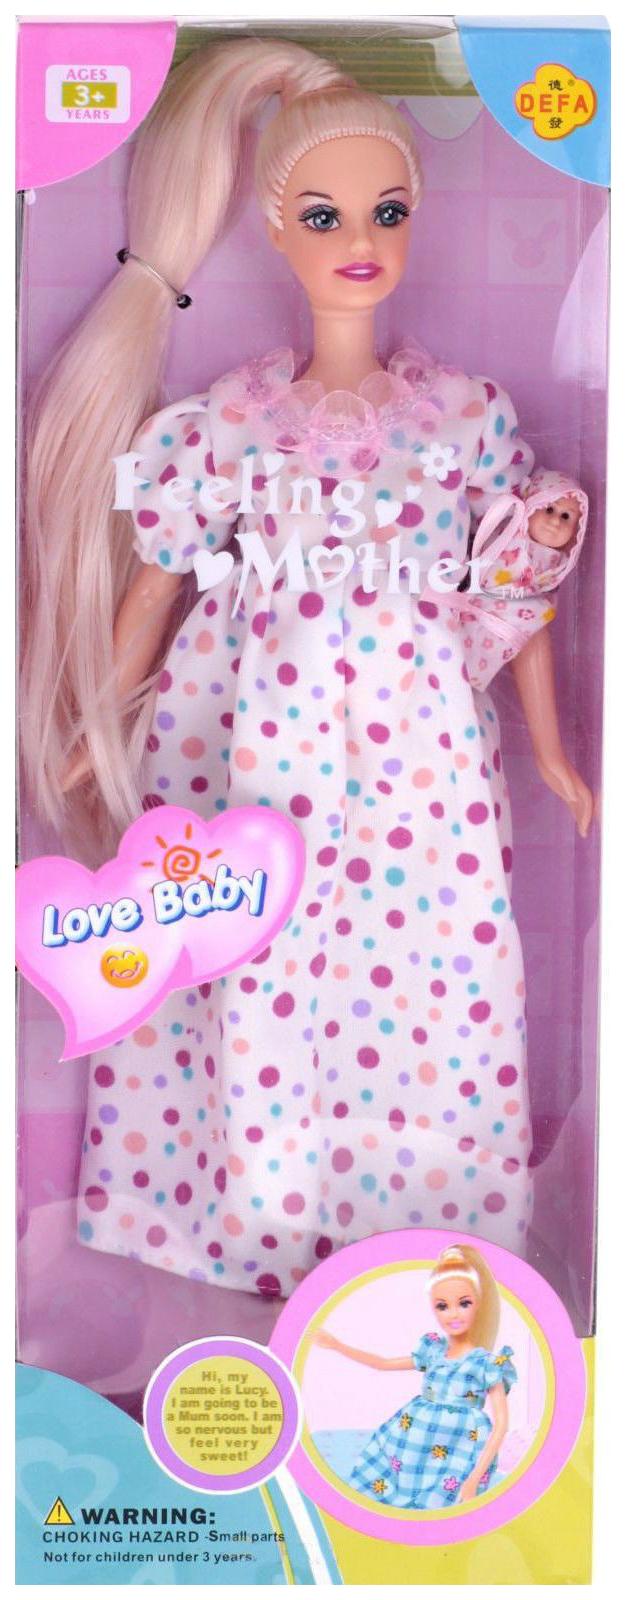 Купить Кукла Defa Lucy 6001Беременная кукла lucy с ребенком, Классические куклы